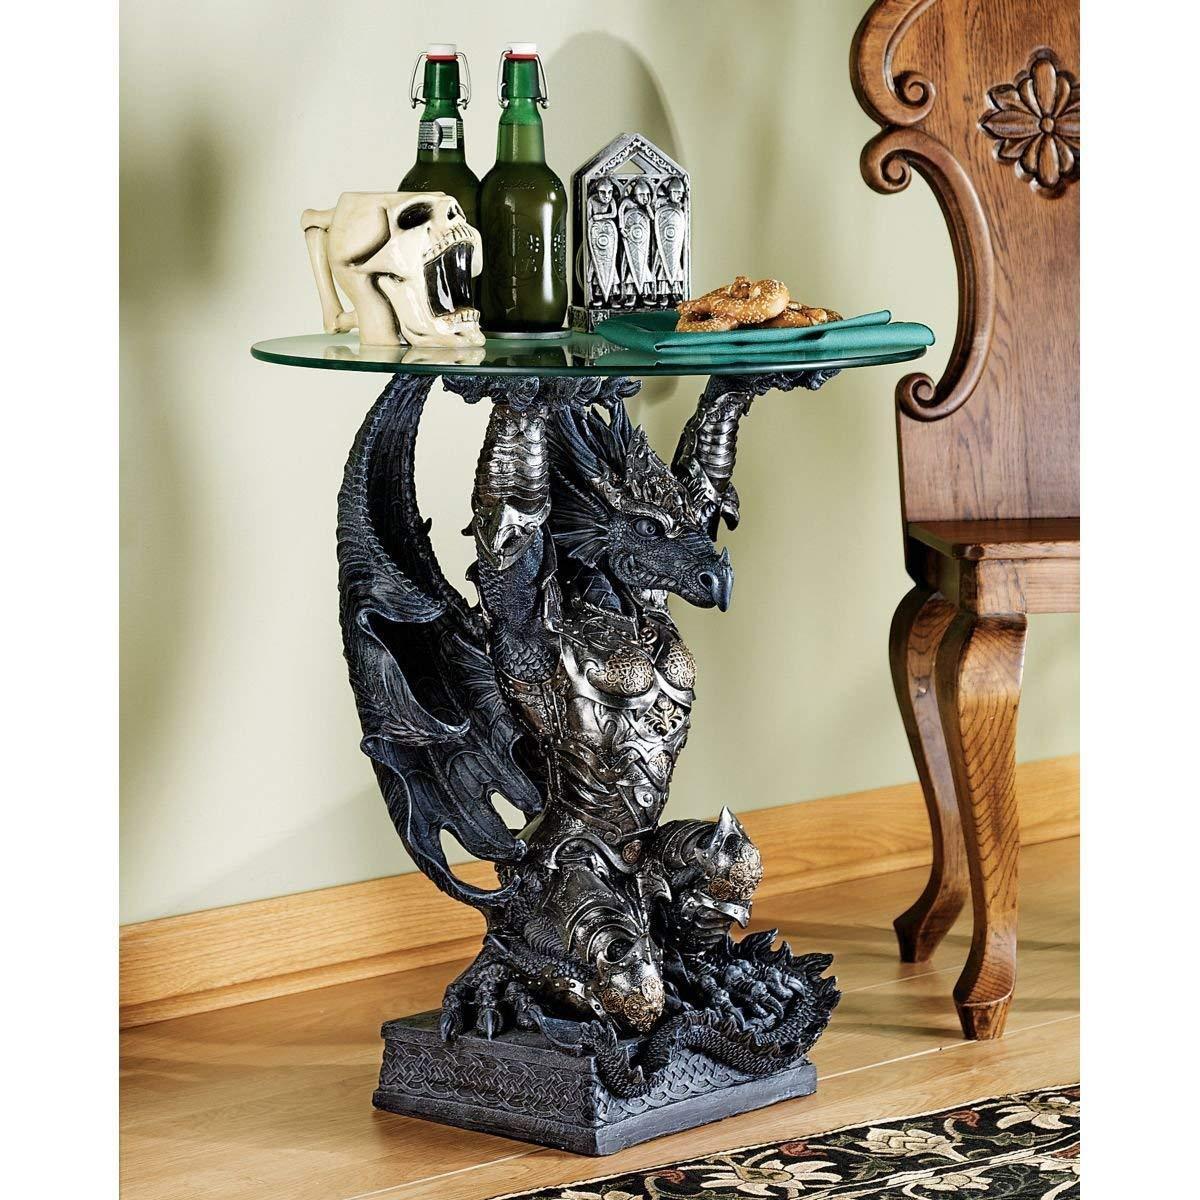 デザイン・トスカノ製 ガラス テーブルトップ ヘイスティングス戦士ドラゴン 彫刻 彫像(輸入品)